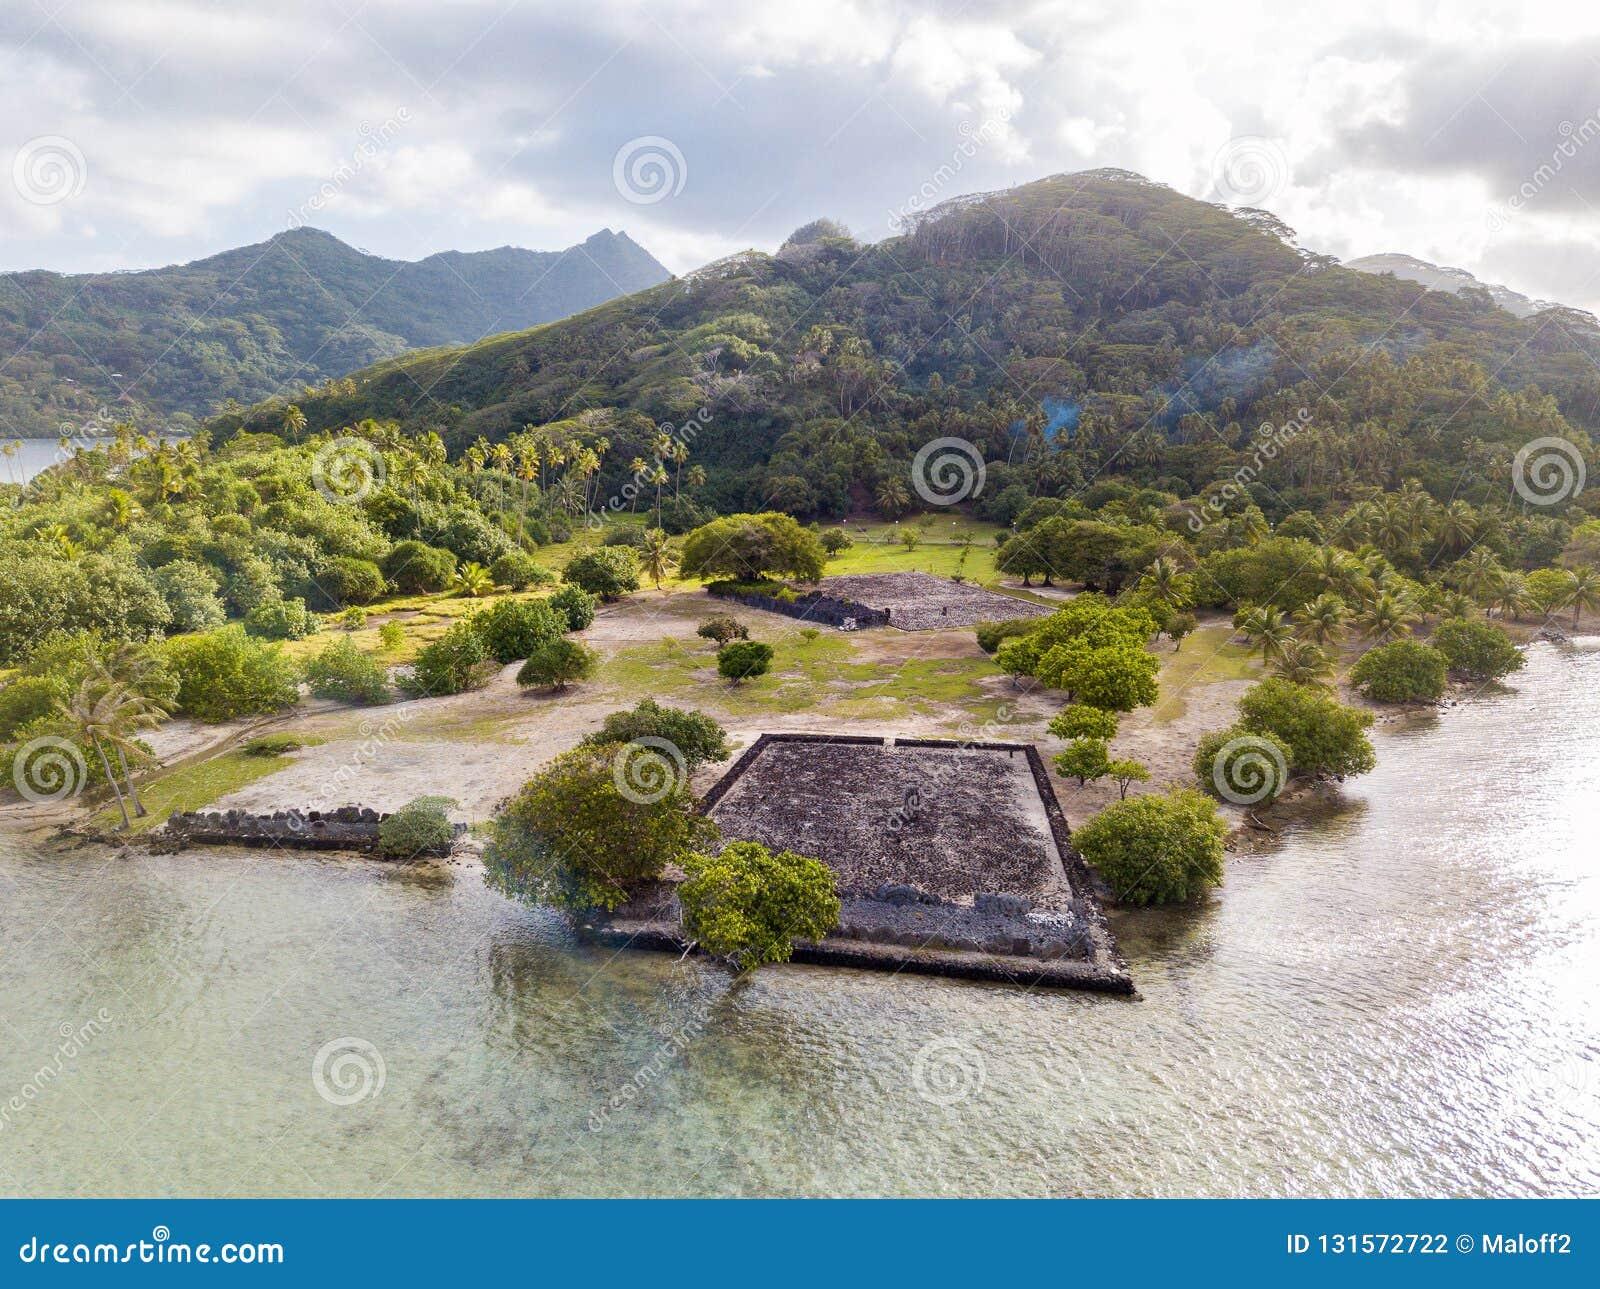 Complesso antico del tempio di Marae Taputapuatea sulla riva della laguna con le montagne su fondo Isola di Raiatea Polinesia fra